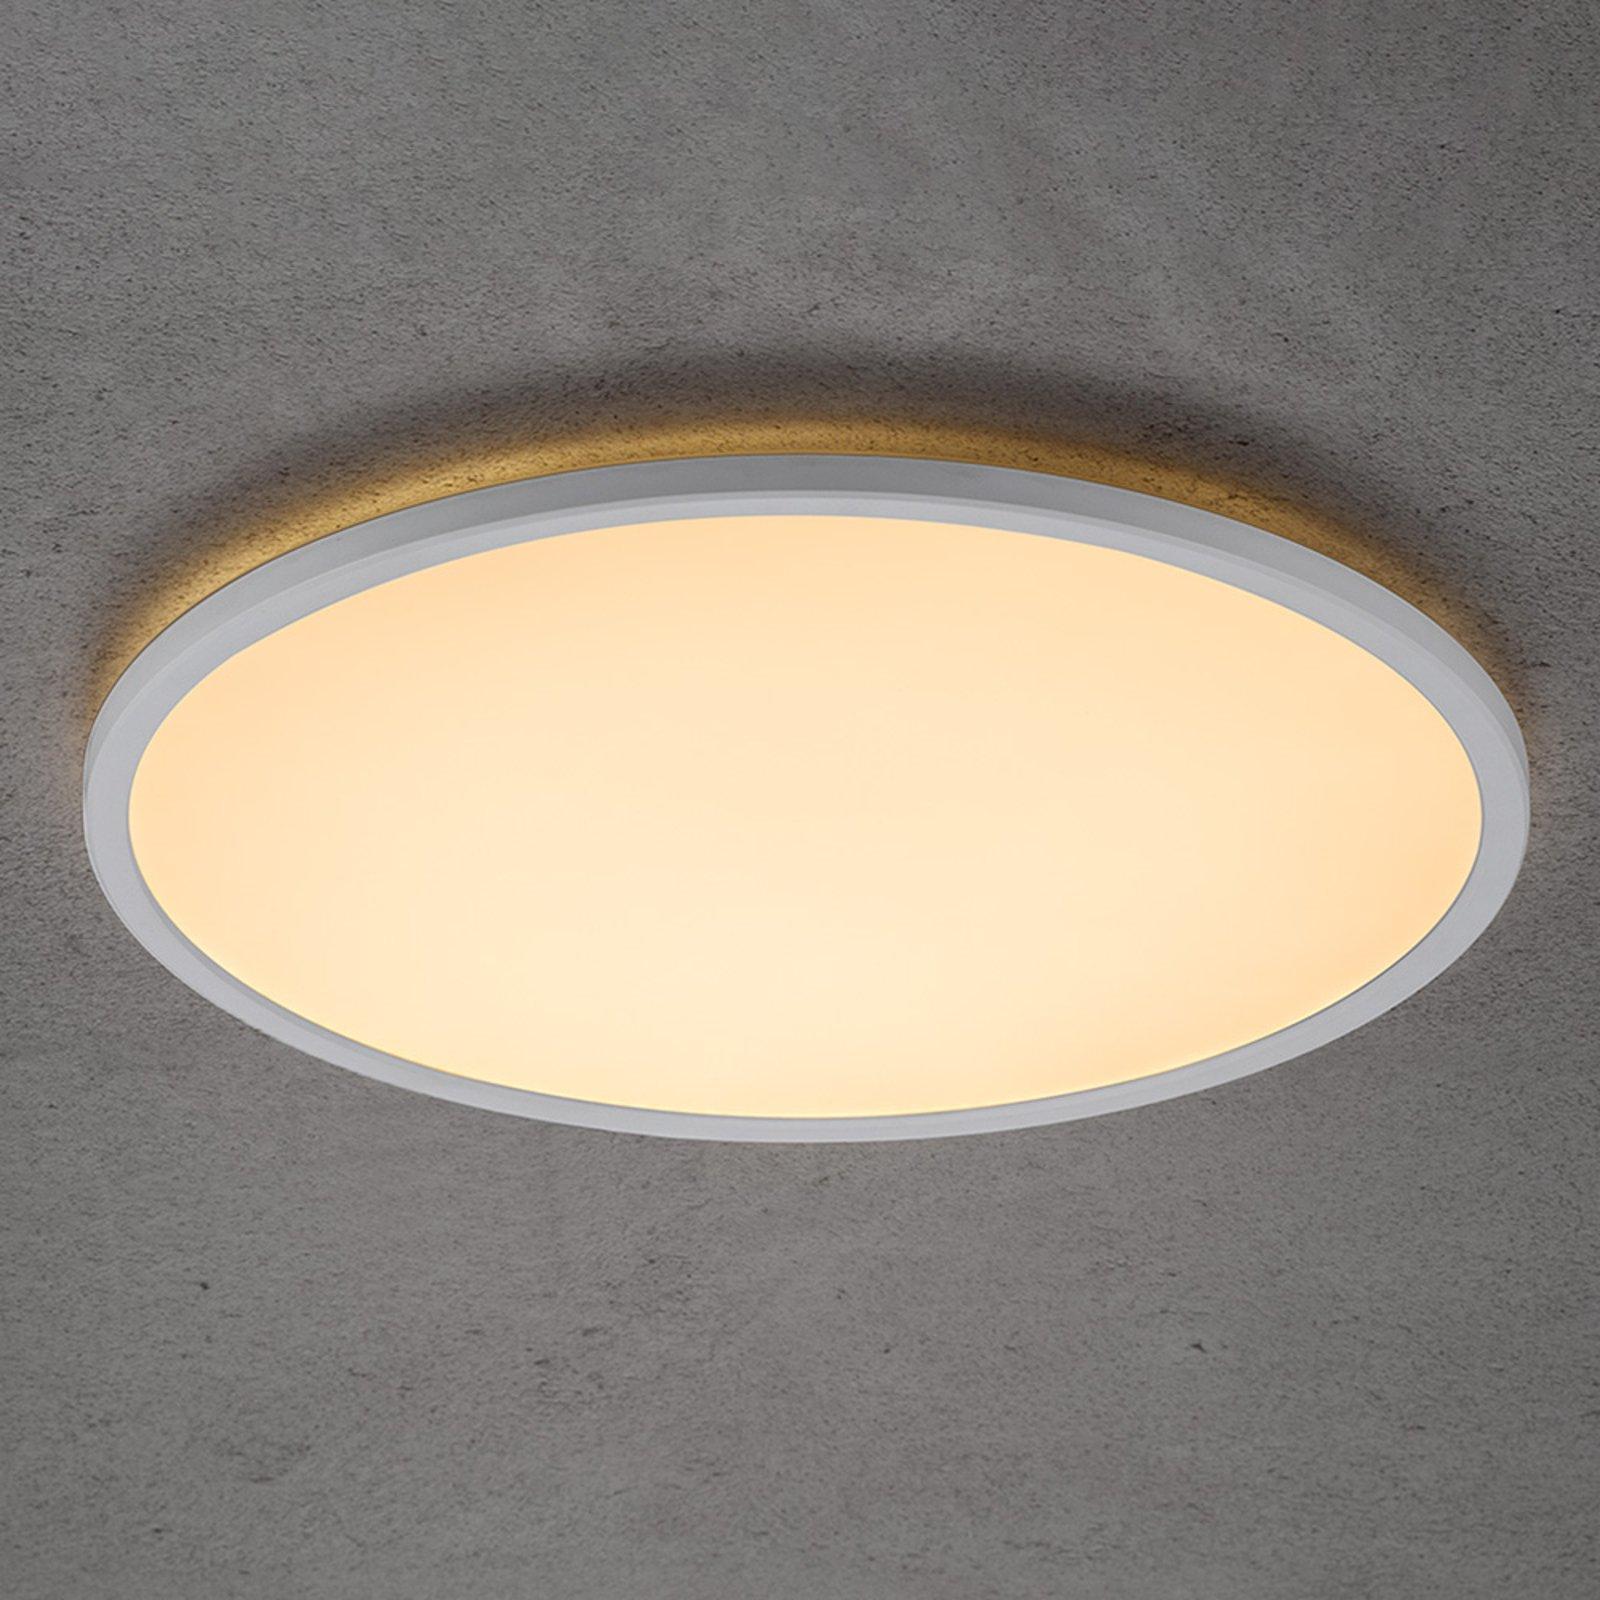 LED-taklampe Planura, dimbar, Ø 42 cm